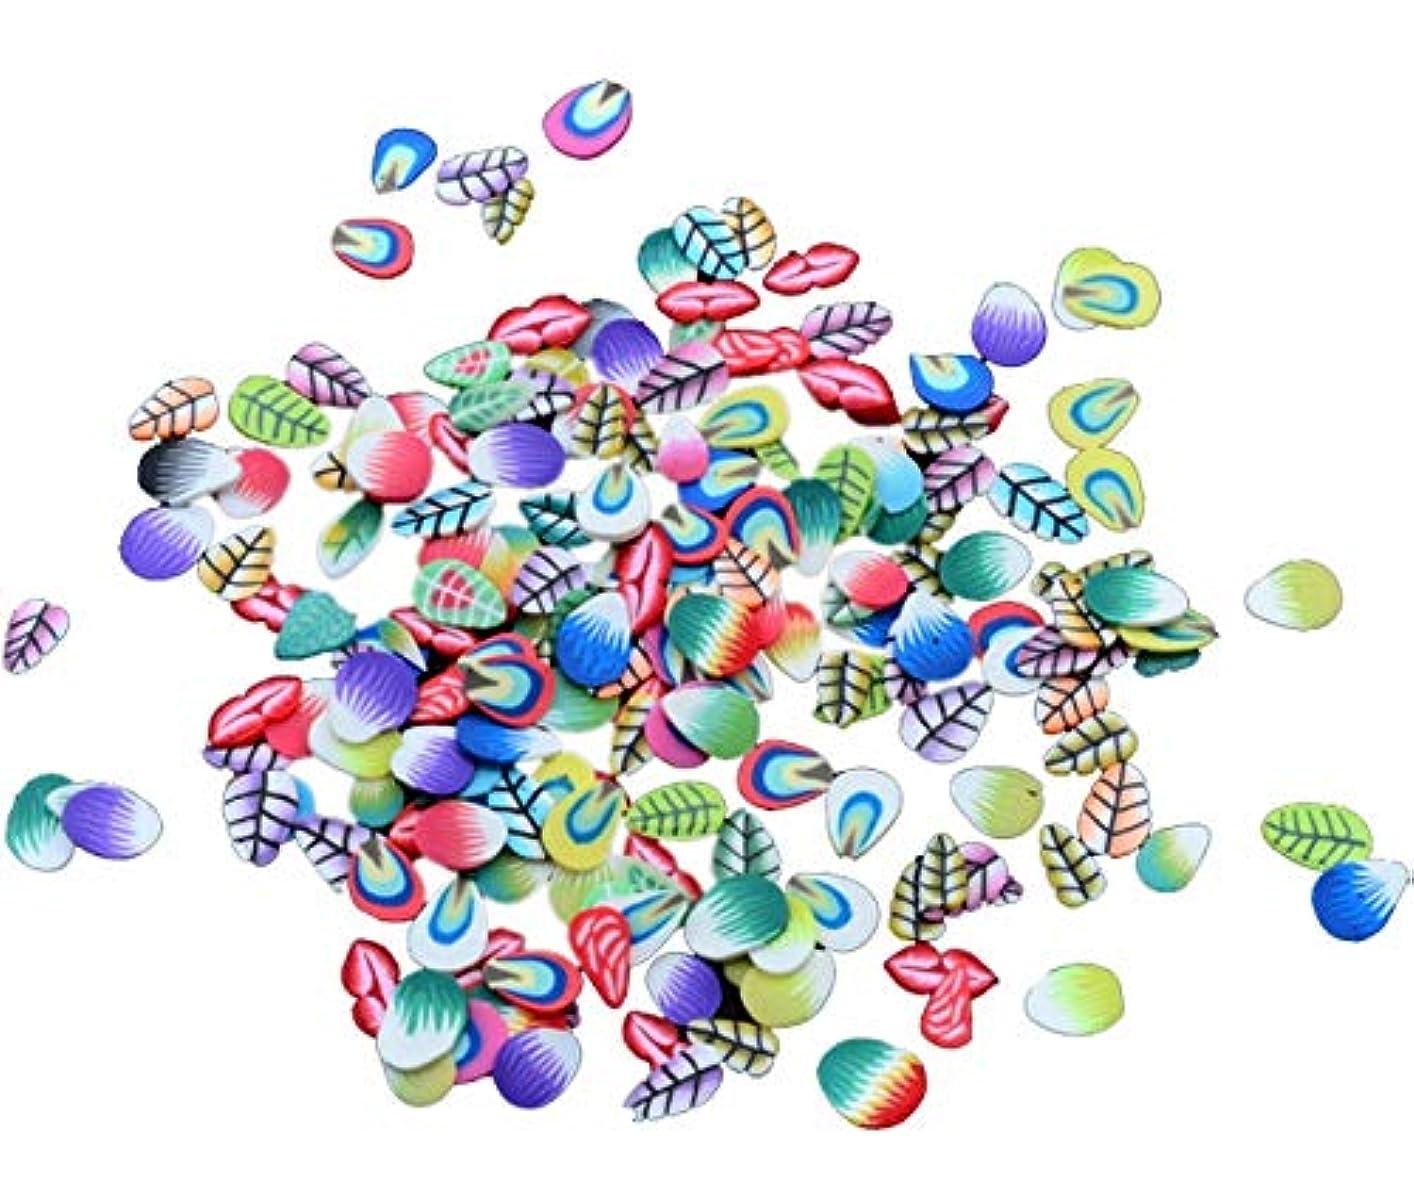 計器悲しいことに配列Tianmey ソフト陶磁器デザインネイルアートステッカーマニキュア美しいファッションアクセサリー装飾DIYモバイル美容パッチ千個 (Color : Feather)